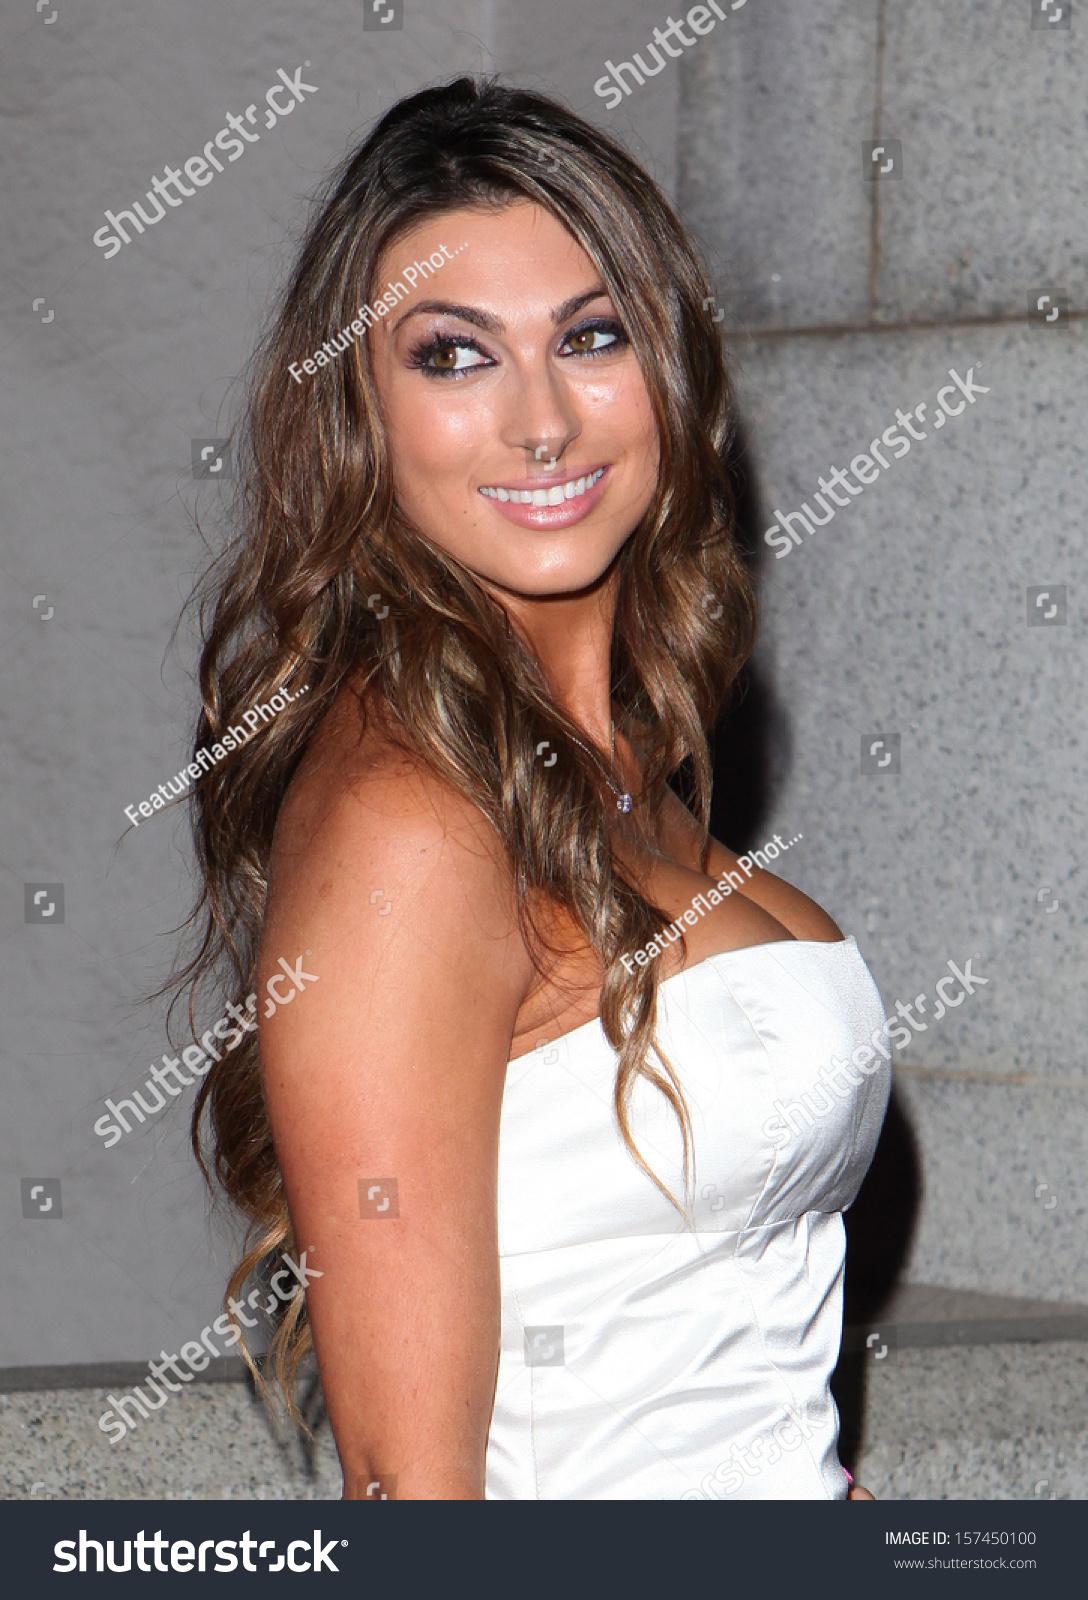 Hot Luisa Zissman nudes (83 photos), Ass, Fappening, Twitter, braless 2015